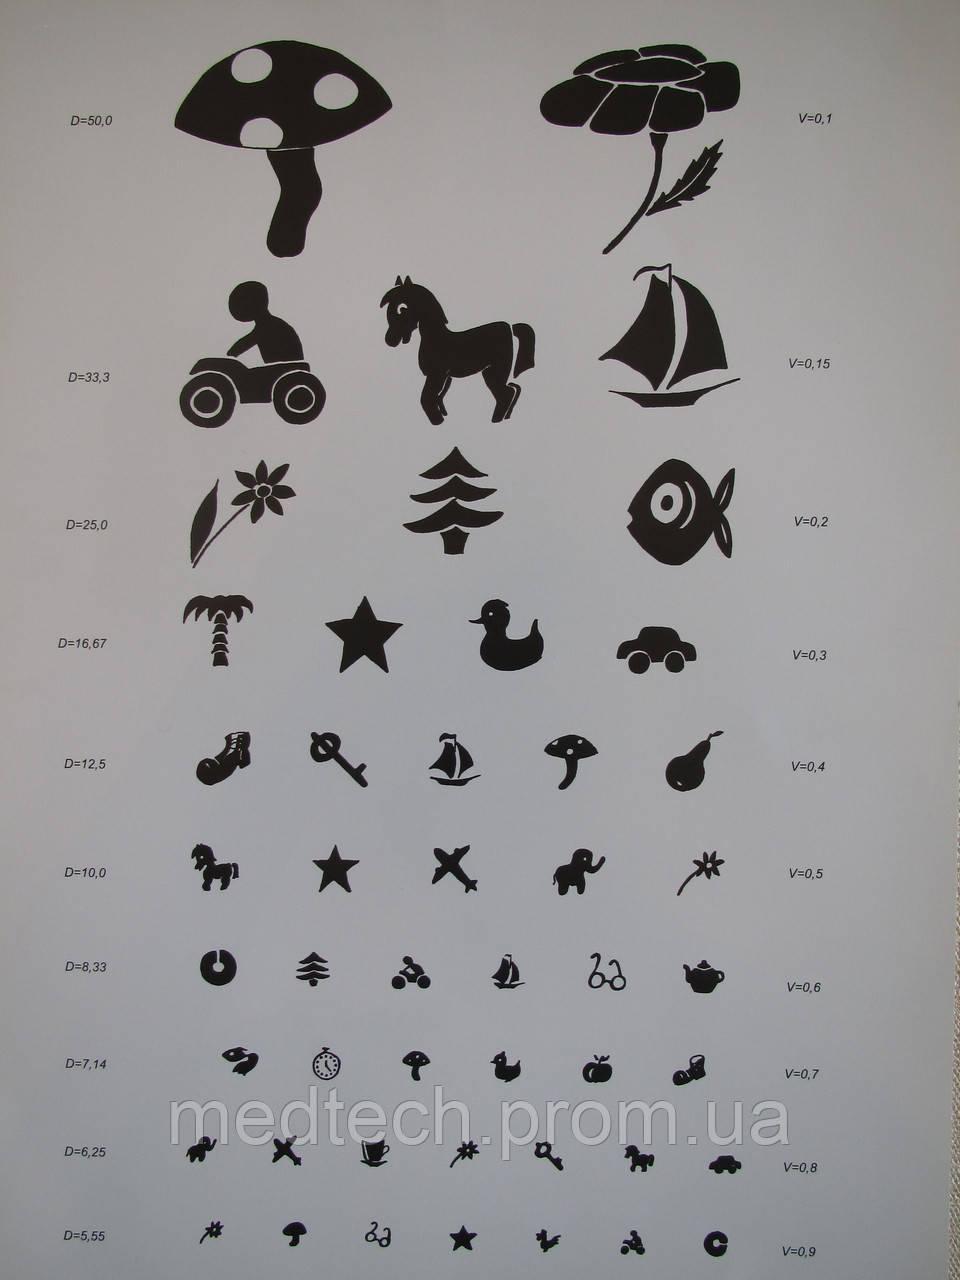 отдельные картинки из таблицы орловой это